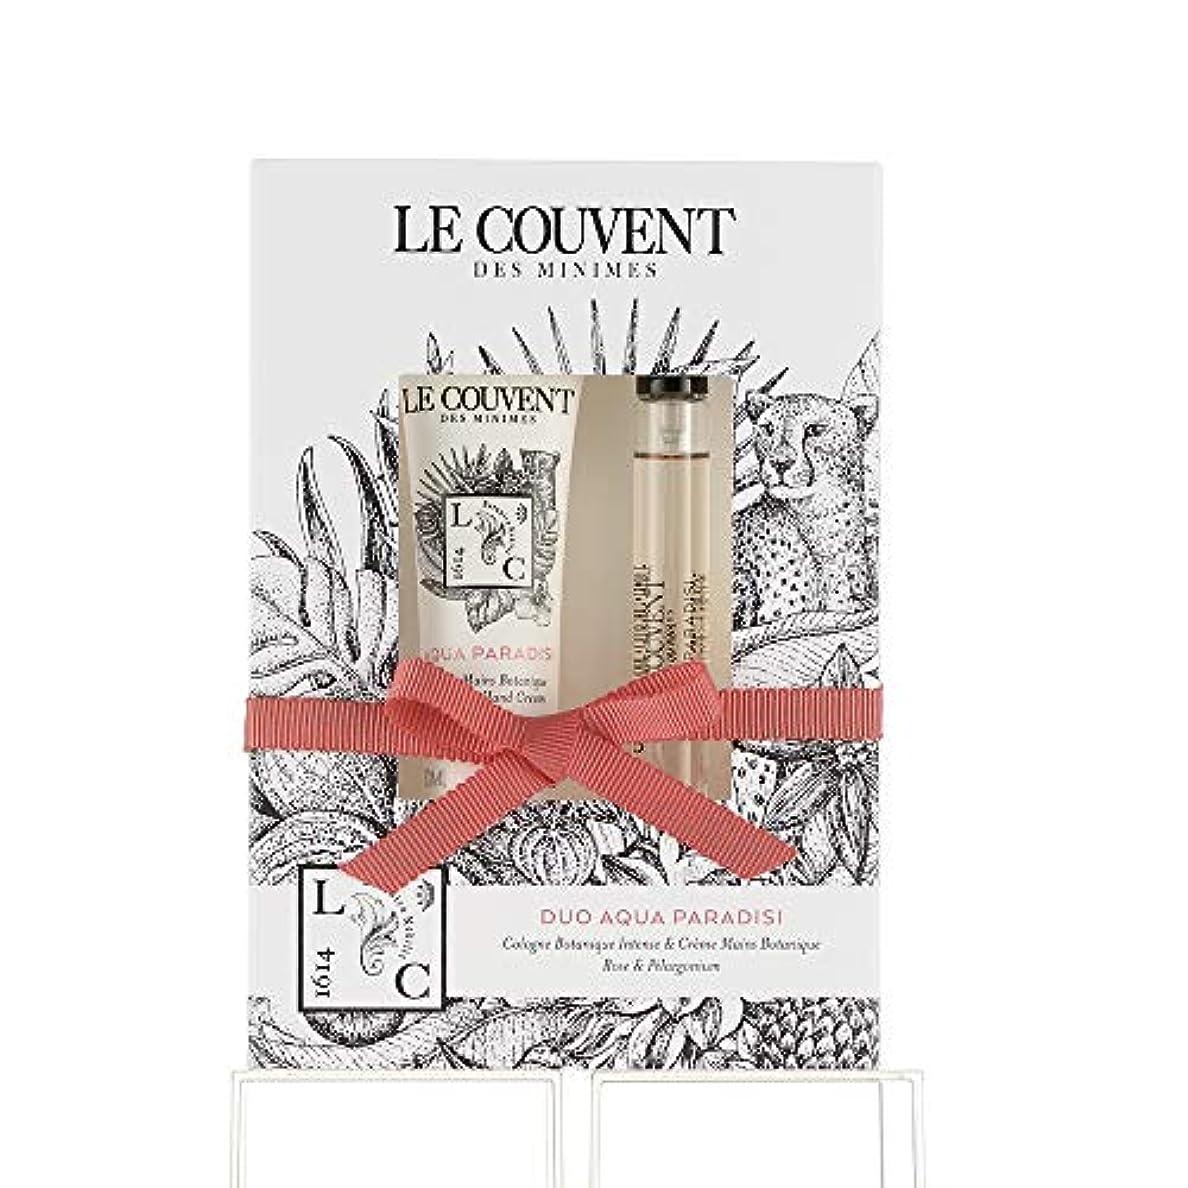 メタリック記録等しいクヴォン?デ?ミニム(Le Couvent des Minimes) ボタニカルデュオ ボタニカルコロン アクアパラディシ10mL×1、アクアパラディシ ハンドクリーム30g×1